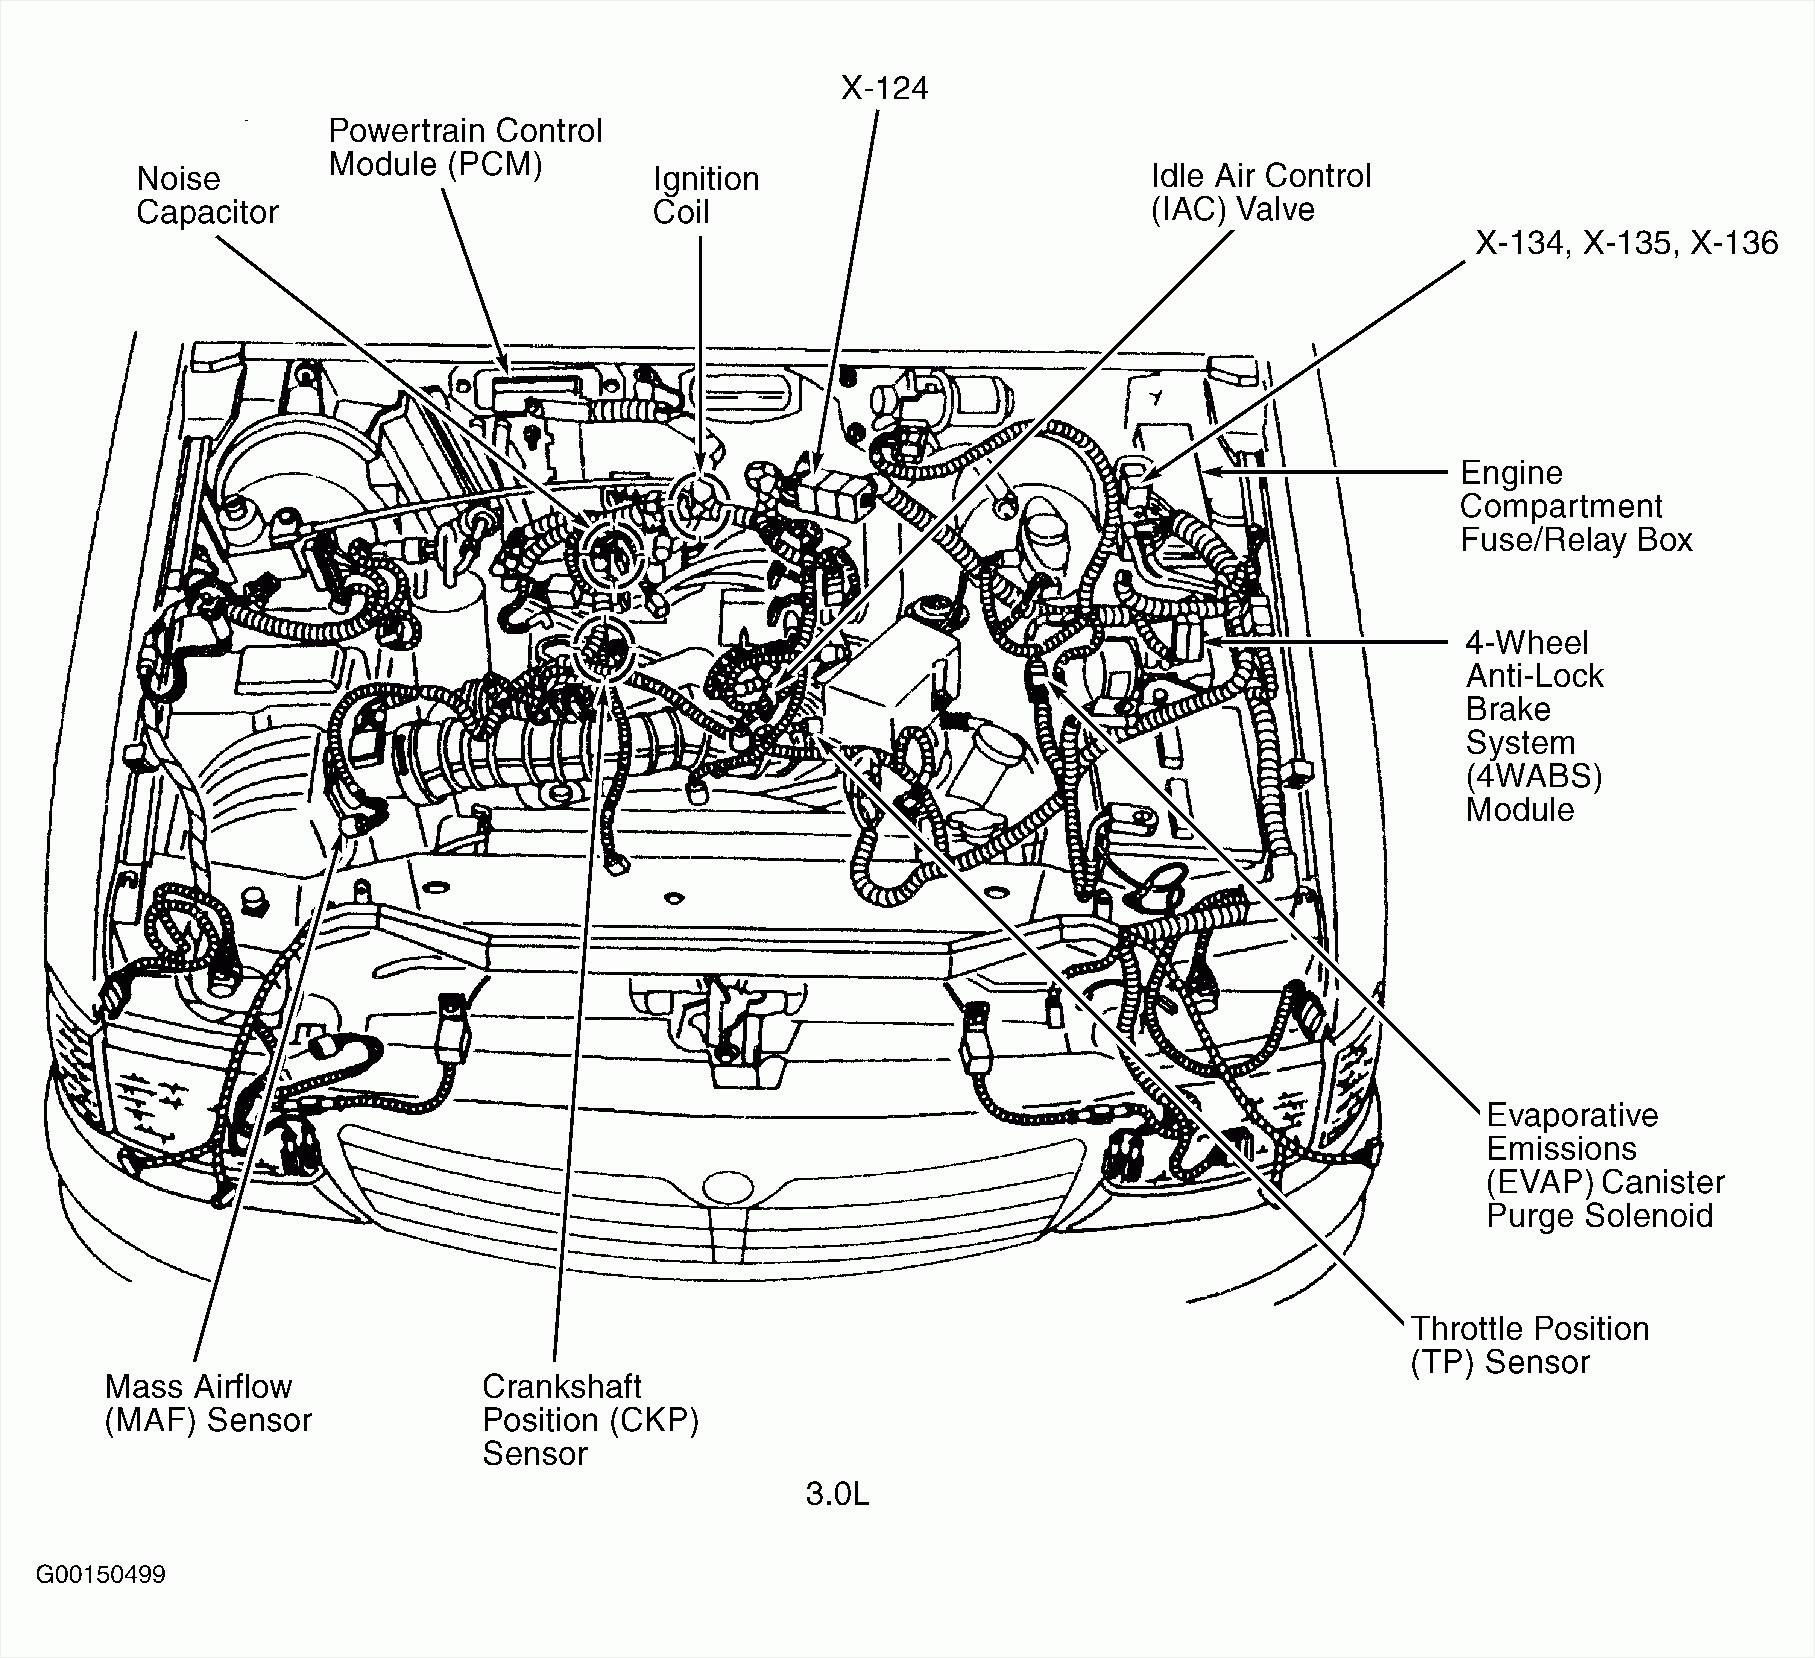 2001 Mazda Protege Engine Diagram 95 Mazda Protege Engine Diagram Wiring Diagram Used Of 2001 Mazda Protege Engine Diagram